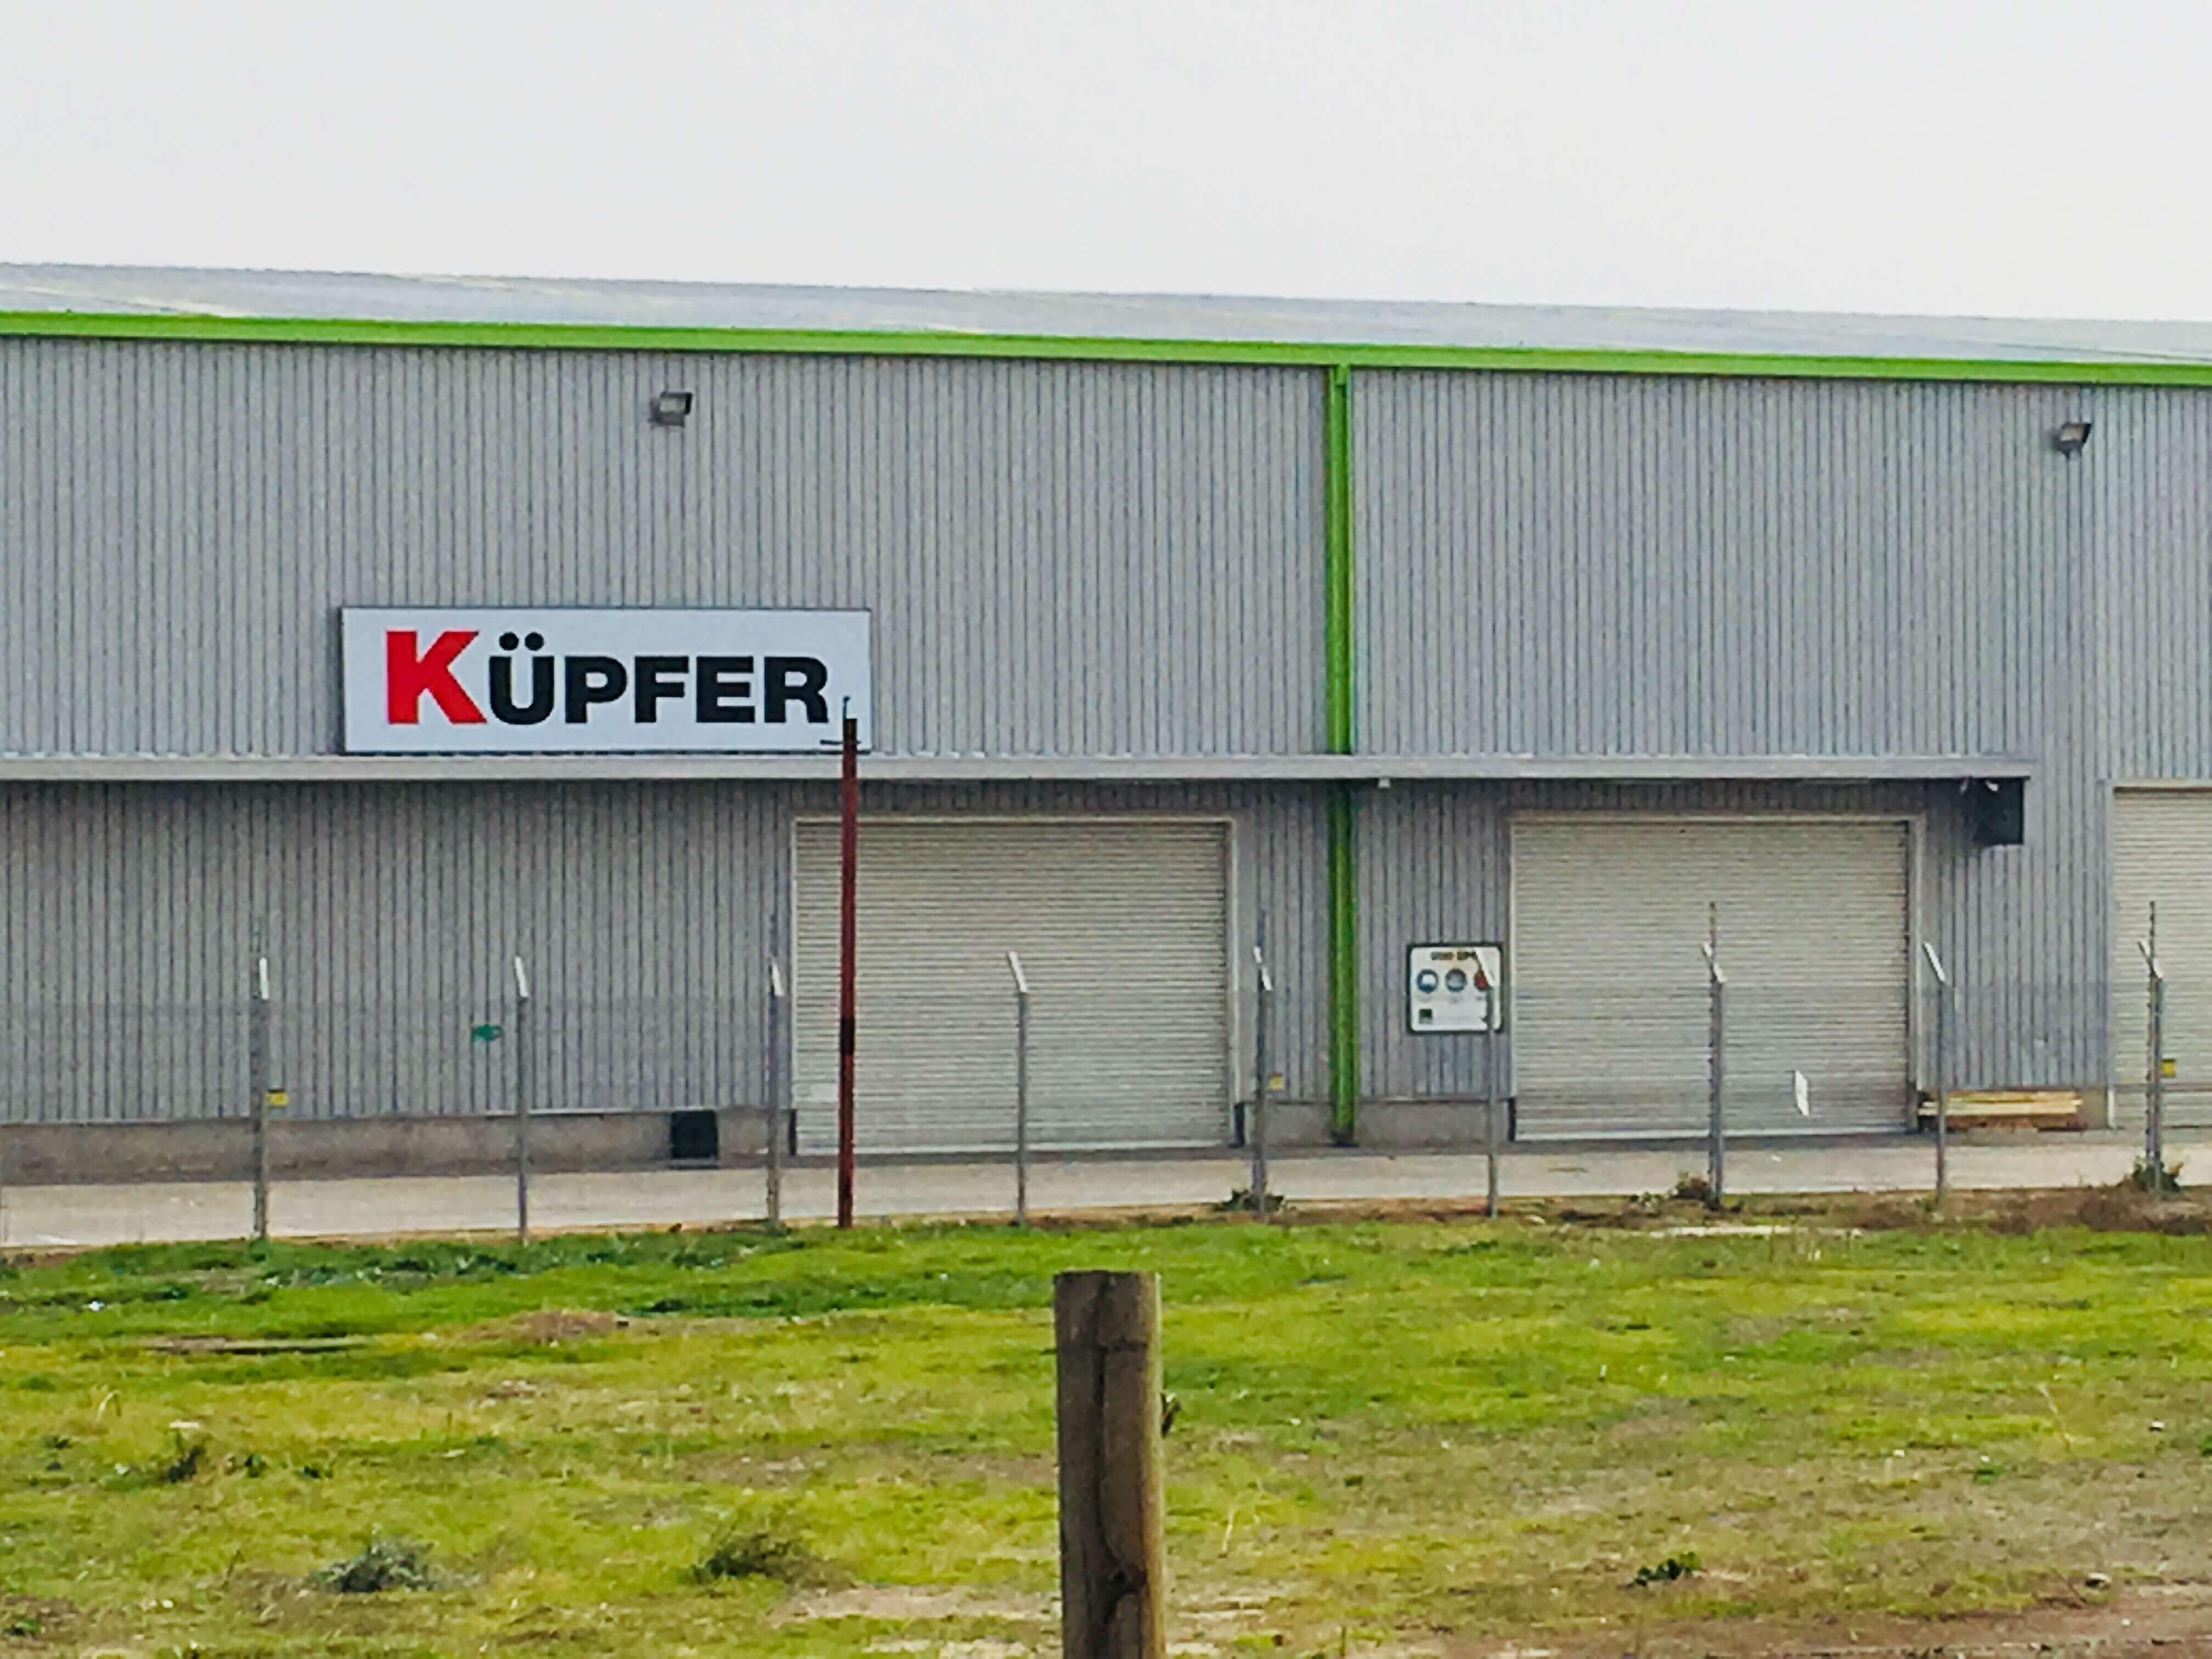 Cortinas metalicas -Centro de distribucion y bodegas Kupfer